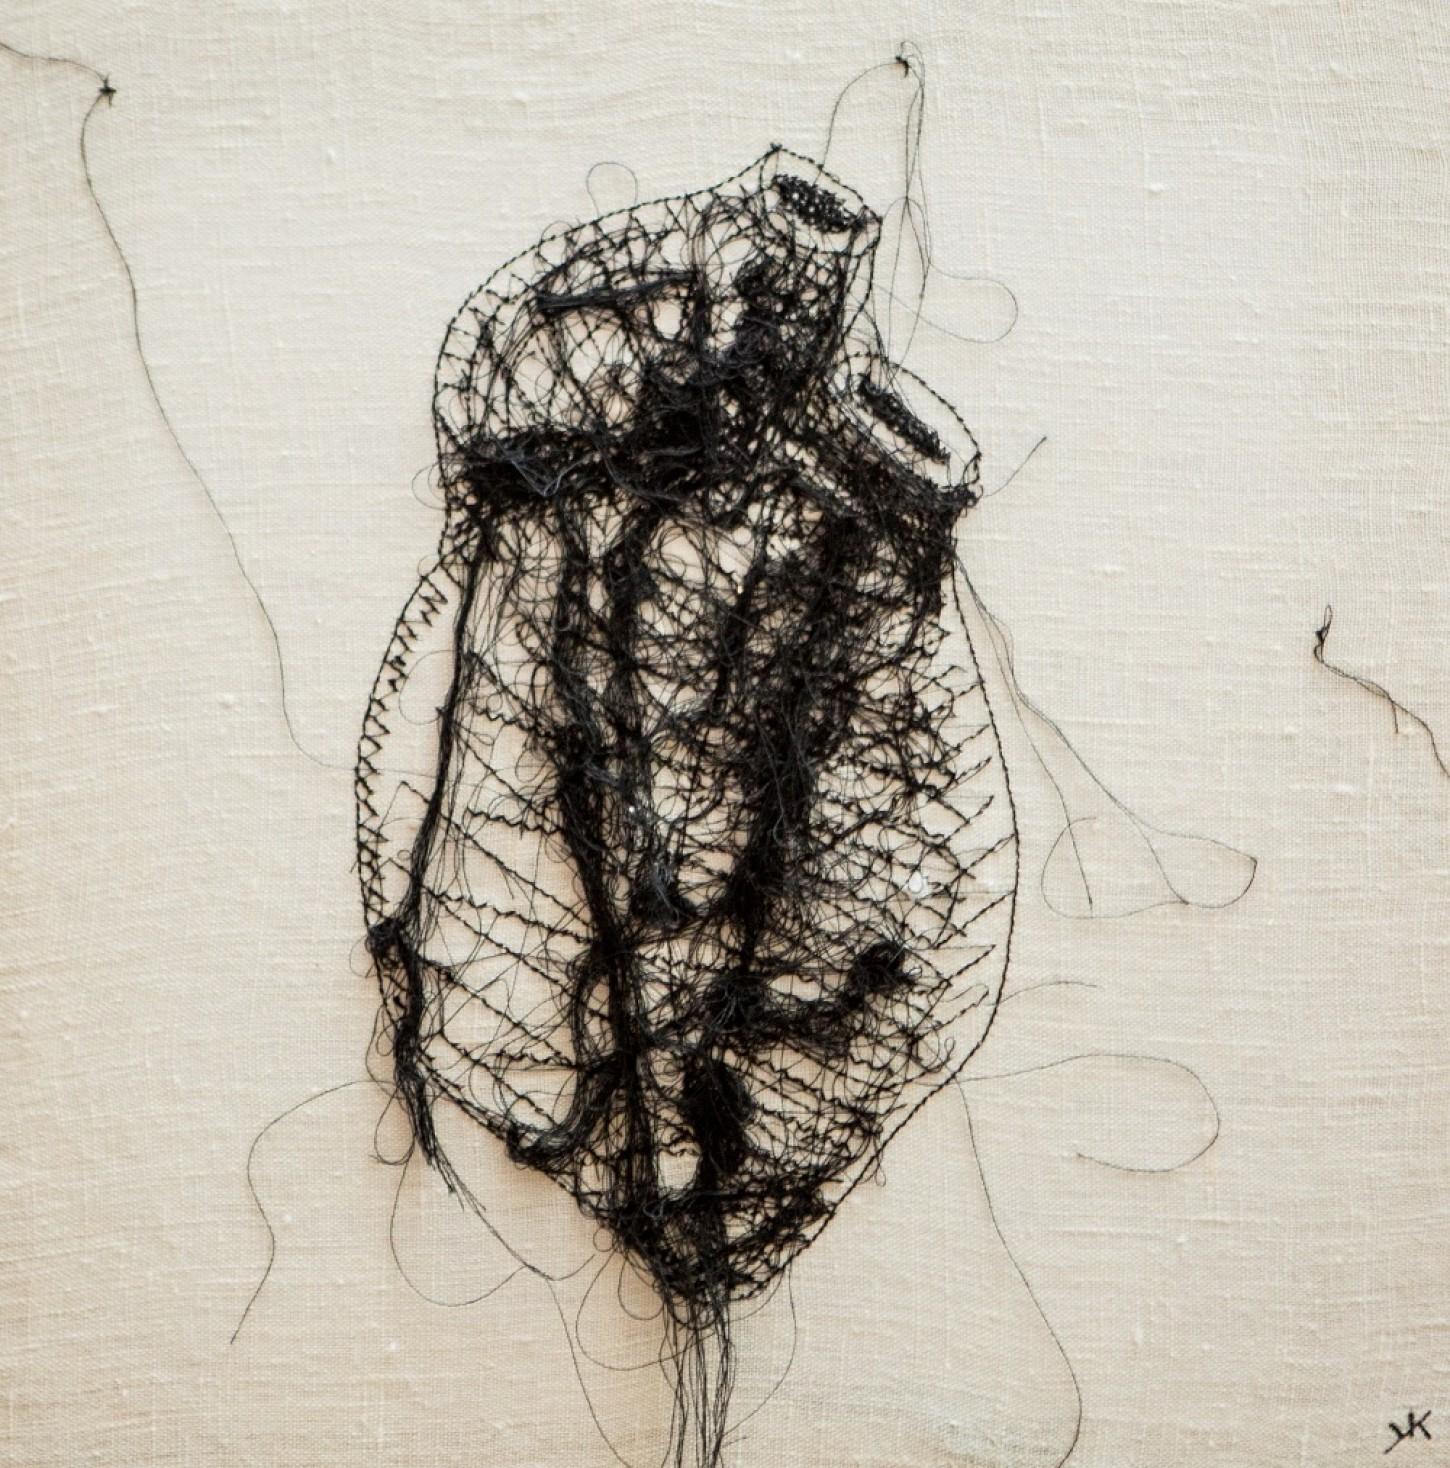 fils noir sur toile 39.5 x 39.5 cm